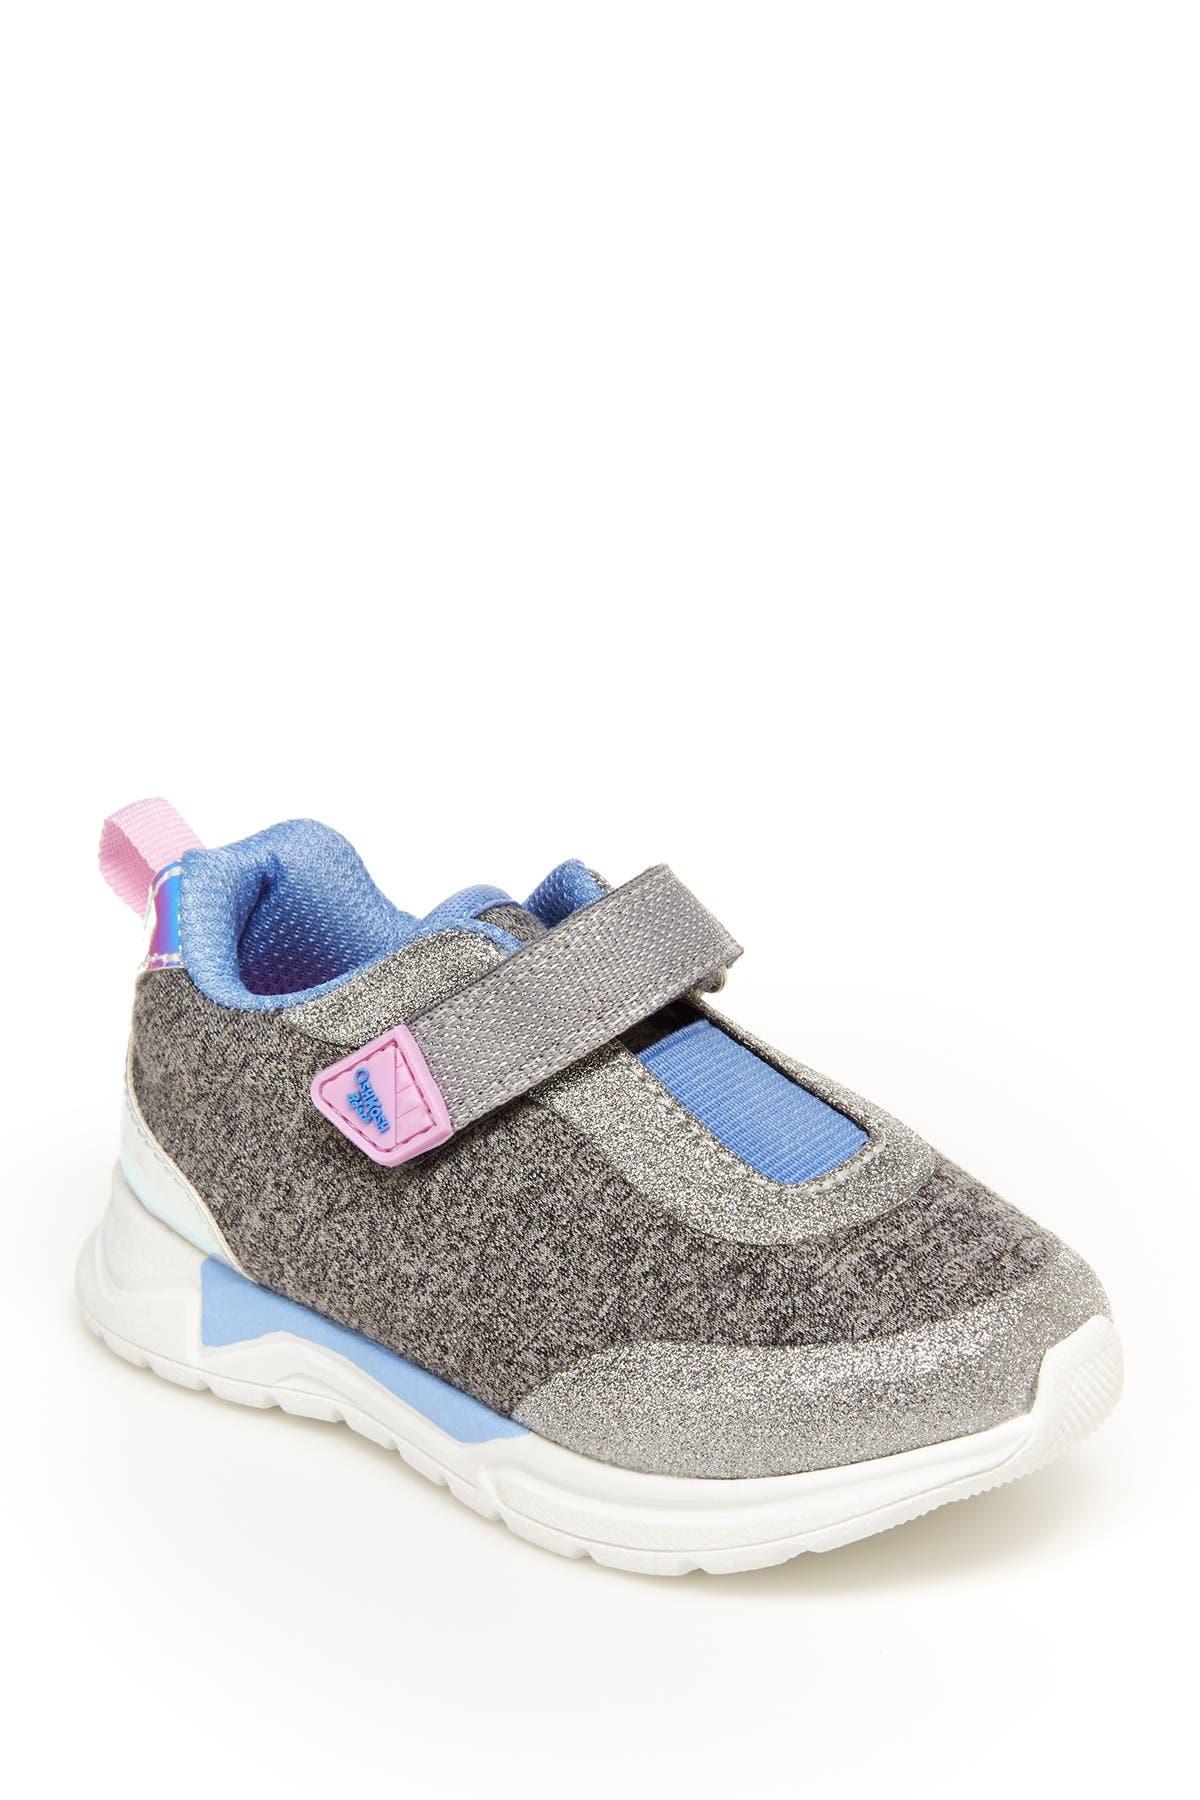 Image of OshKosh Grande Sneaker